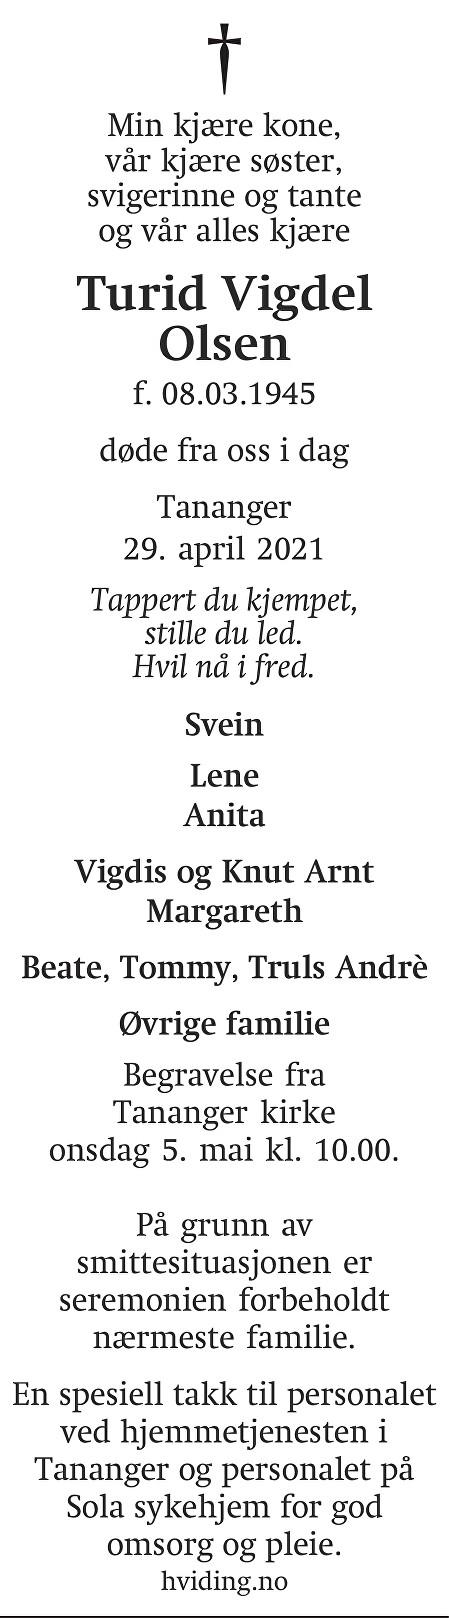 Turid Vigdel Olsen Dødsannonse